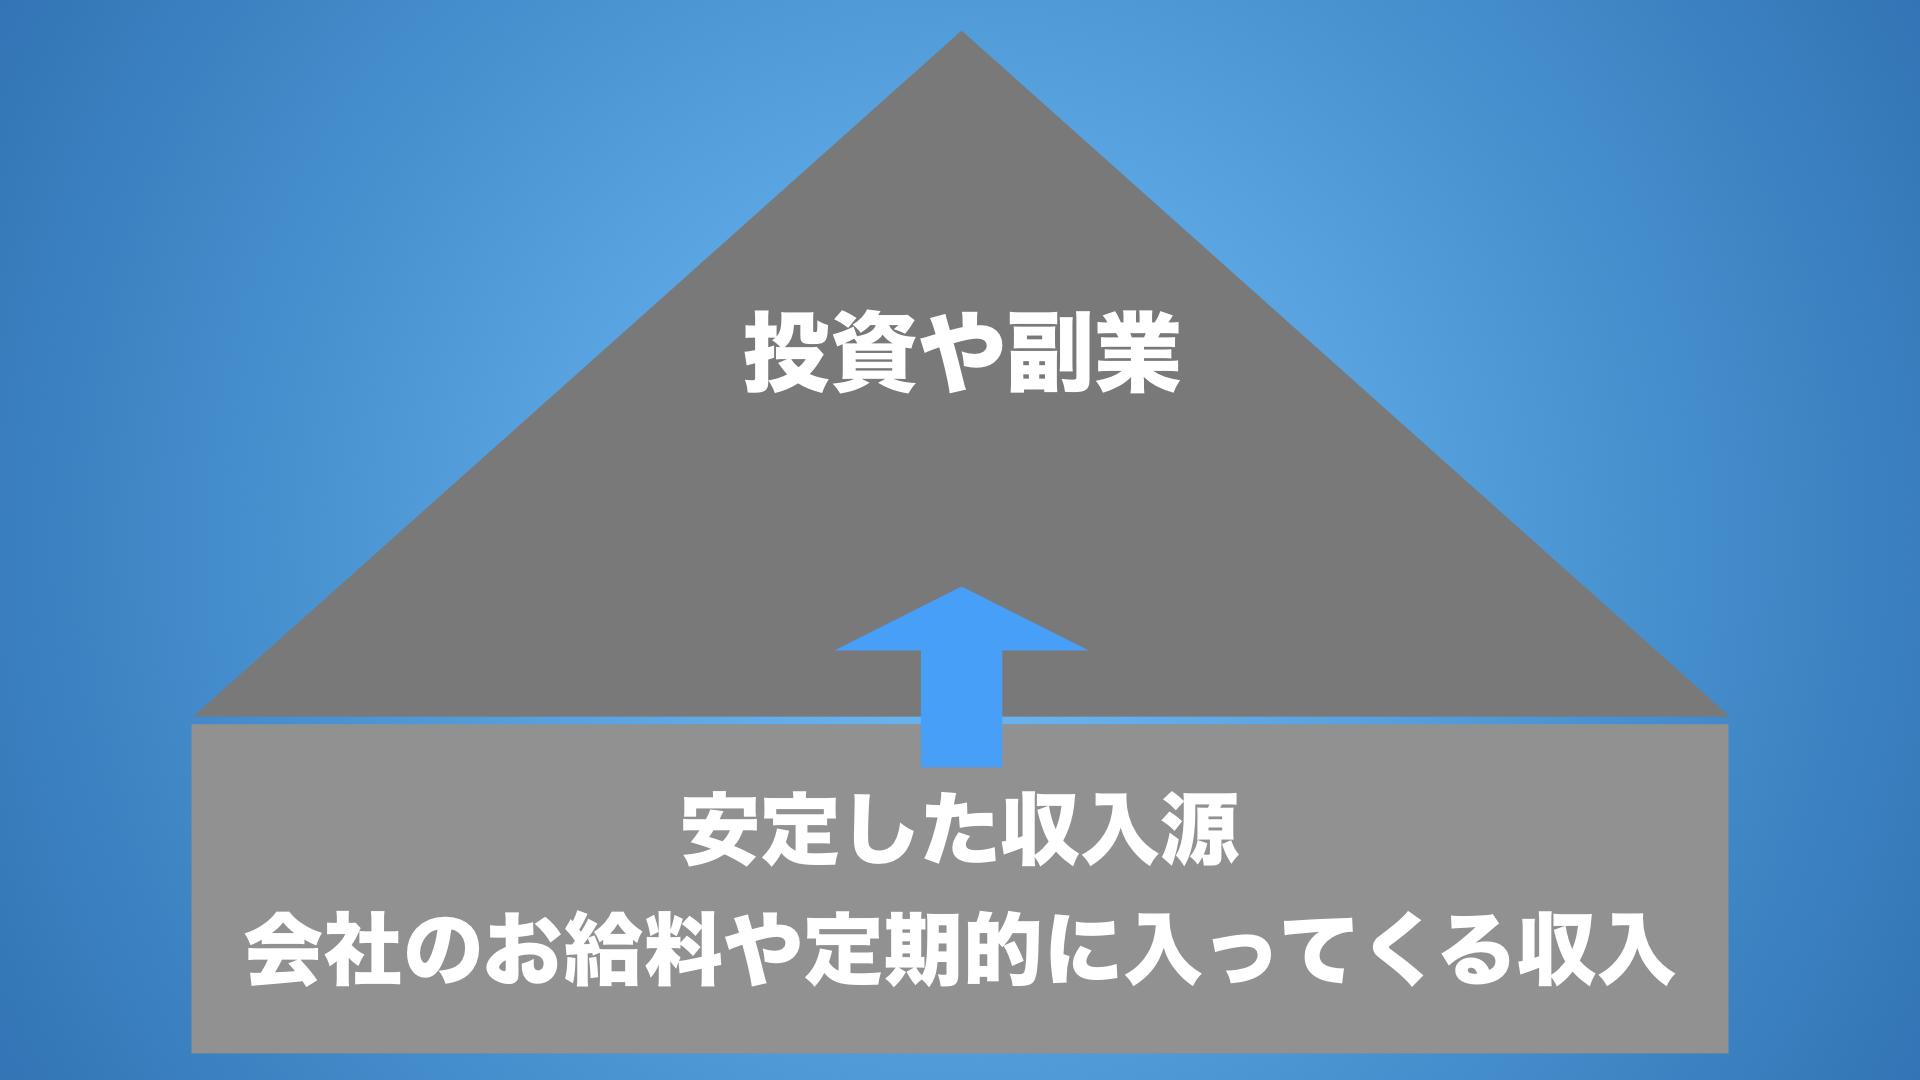 image1.003